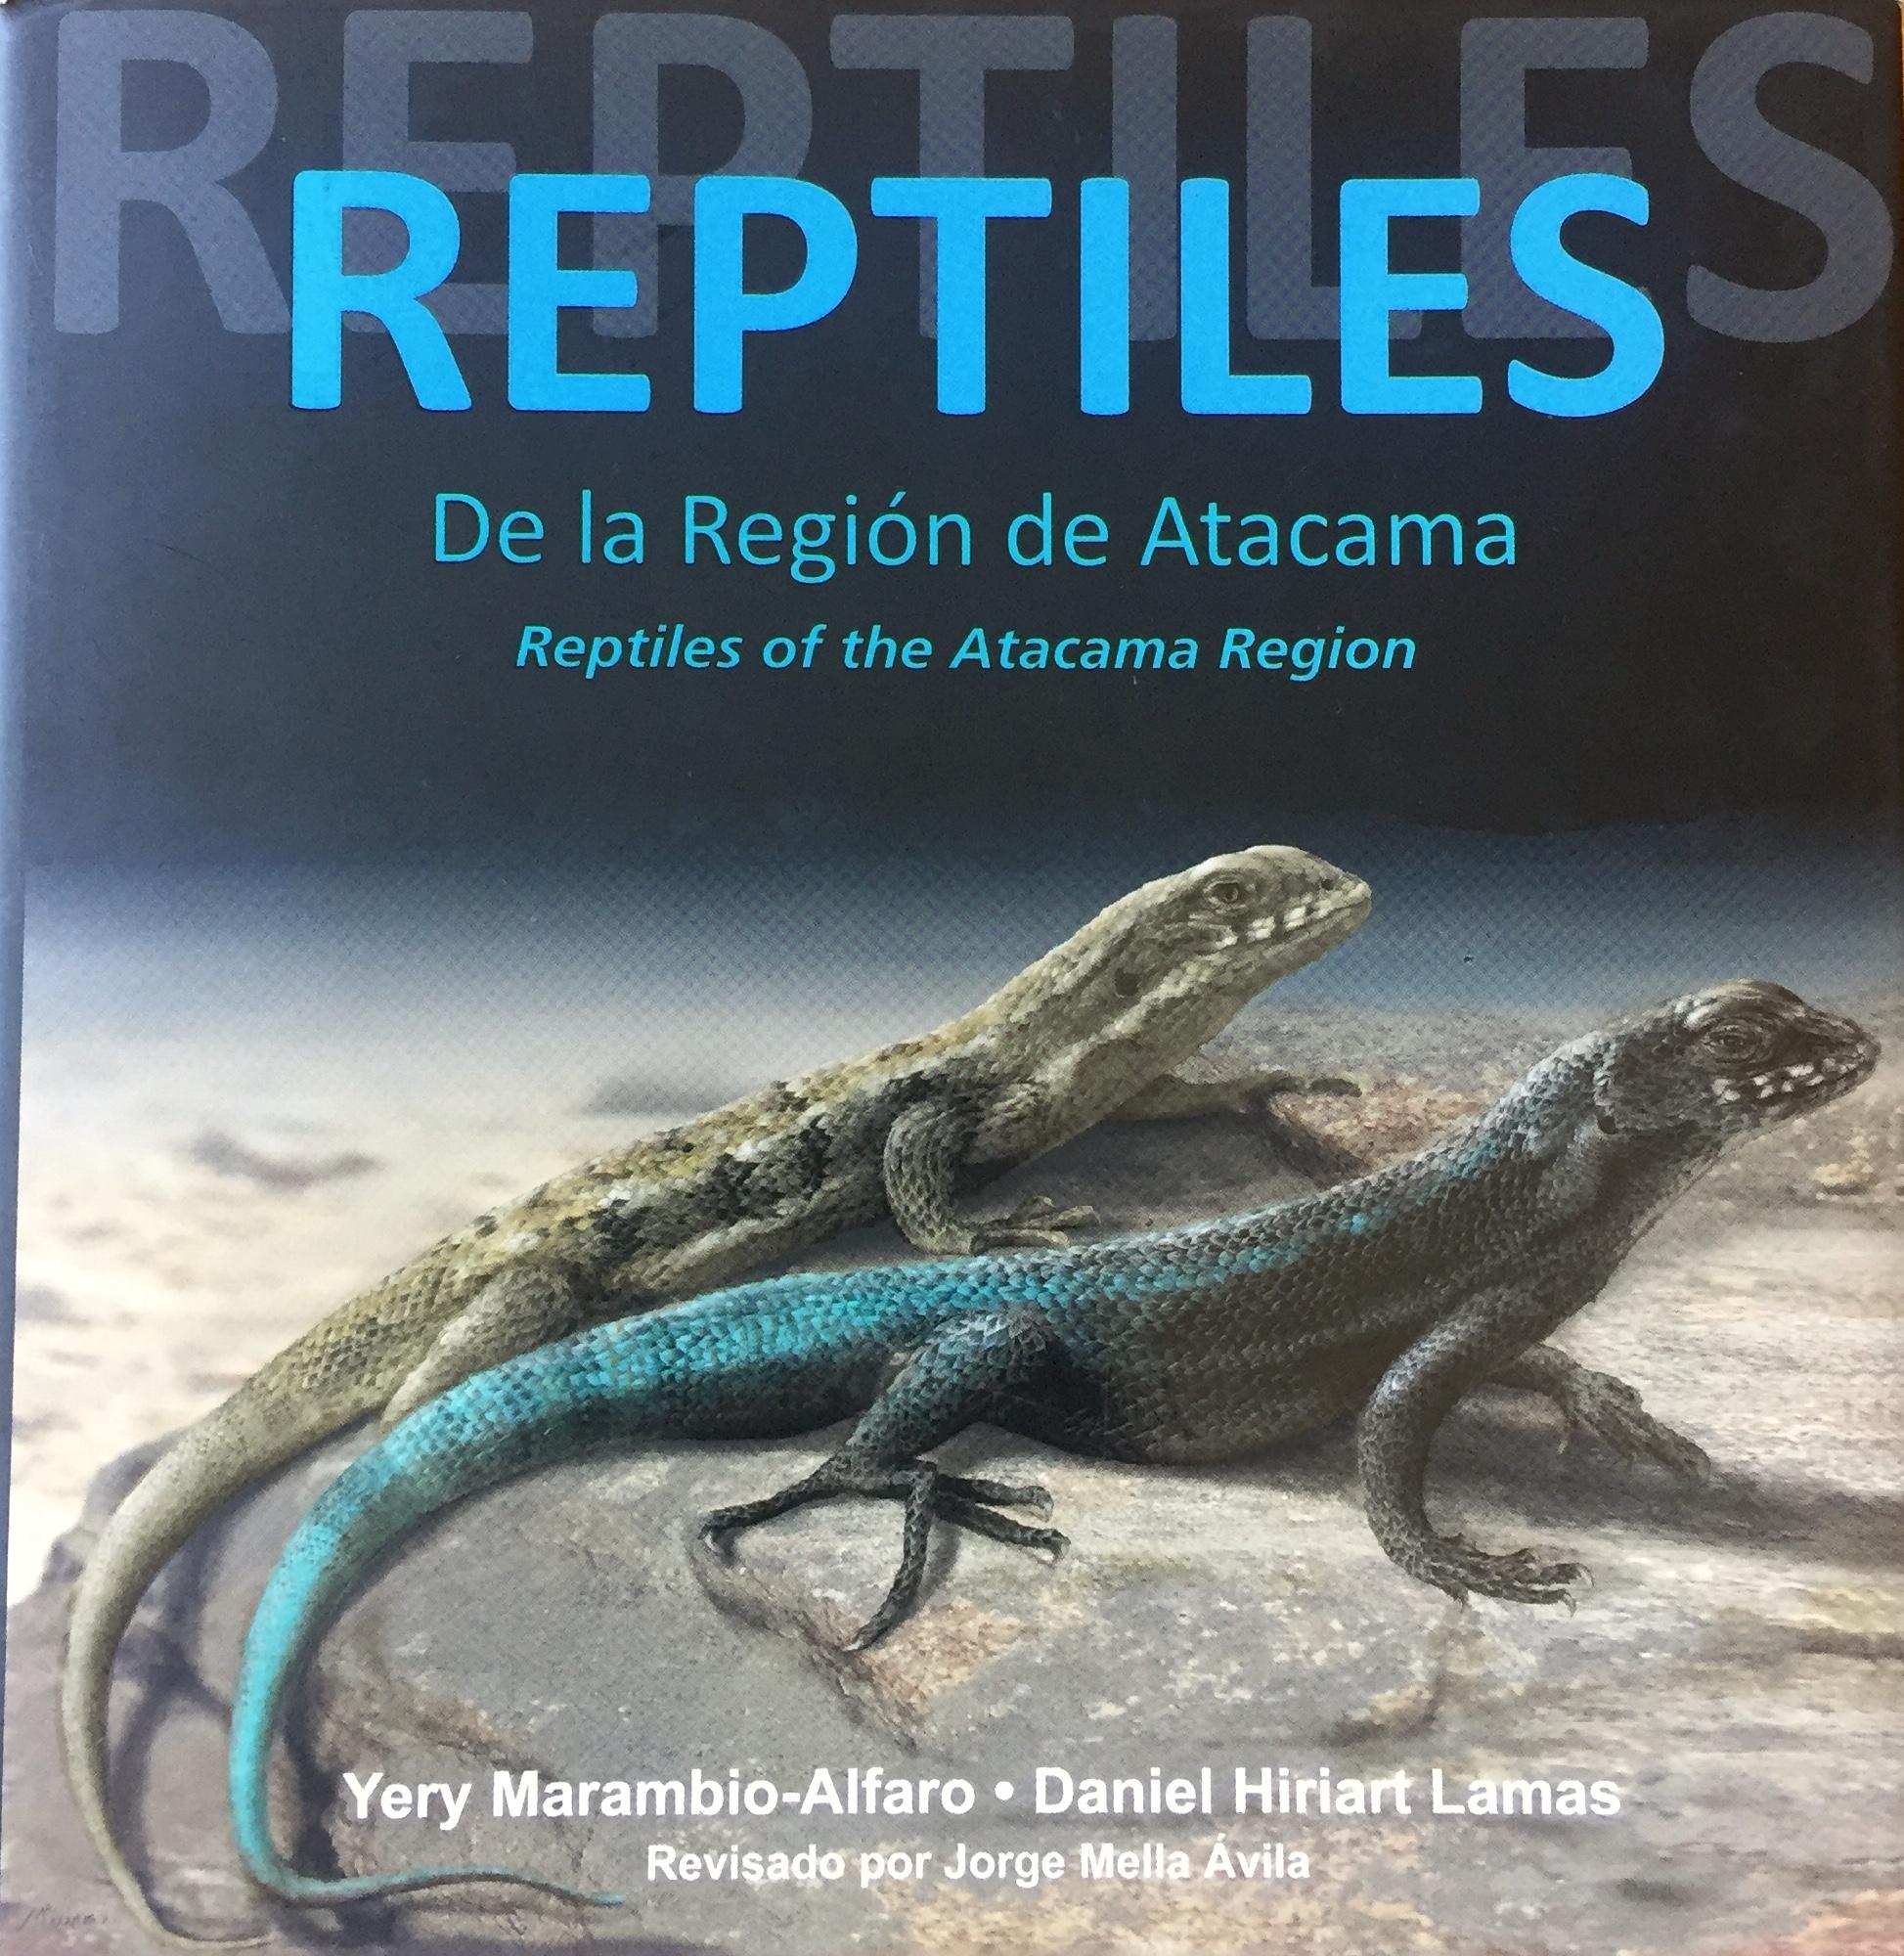 REPTILES DE LA REGION DE ATACAMA